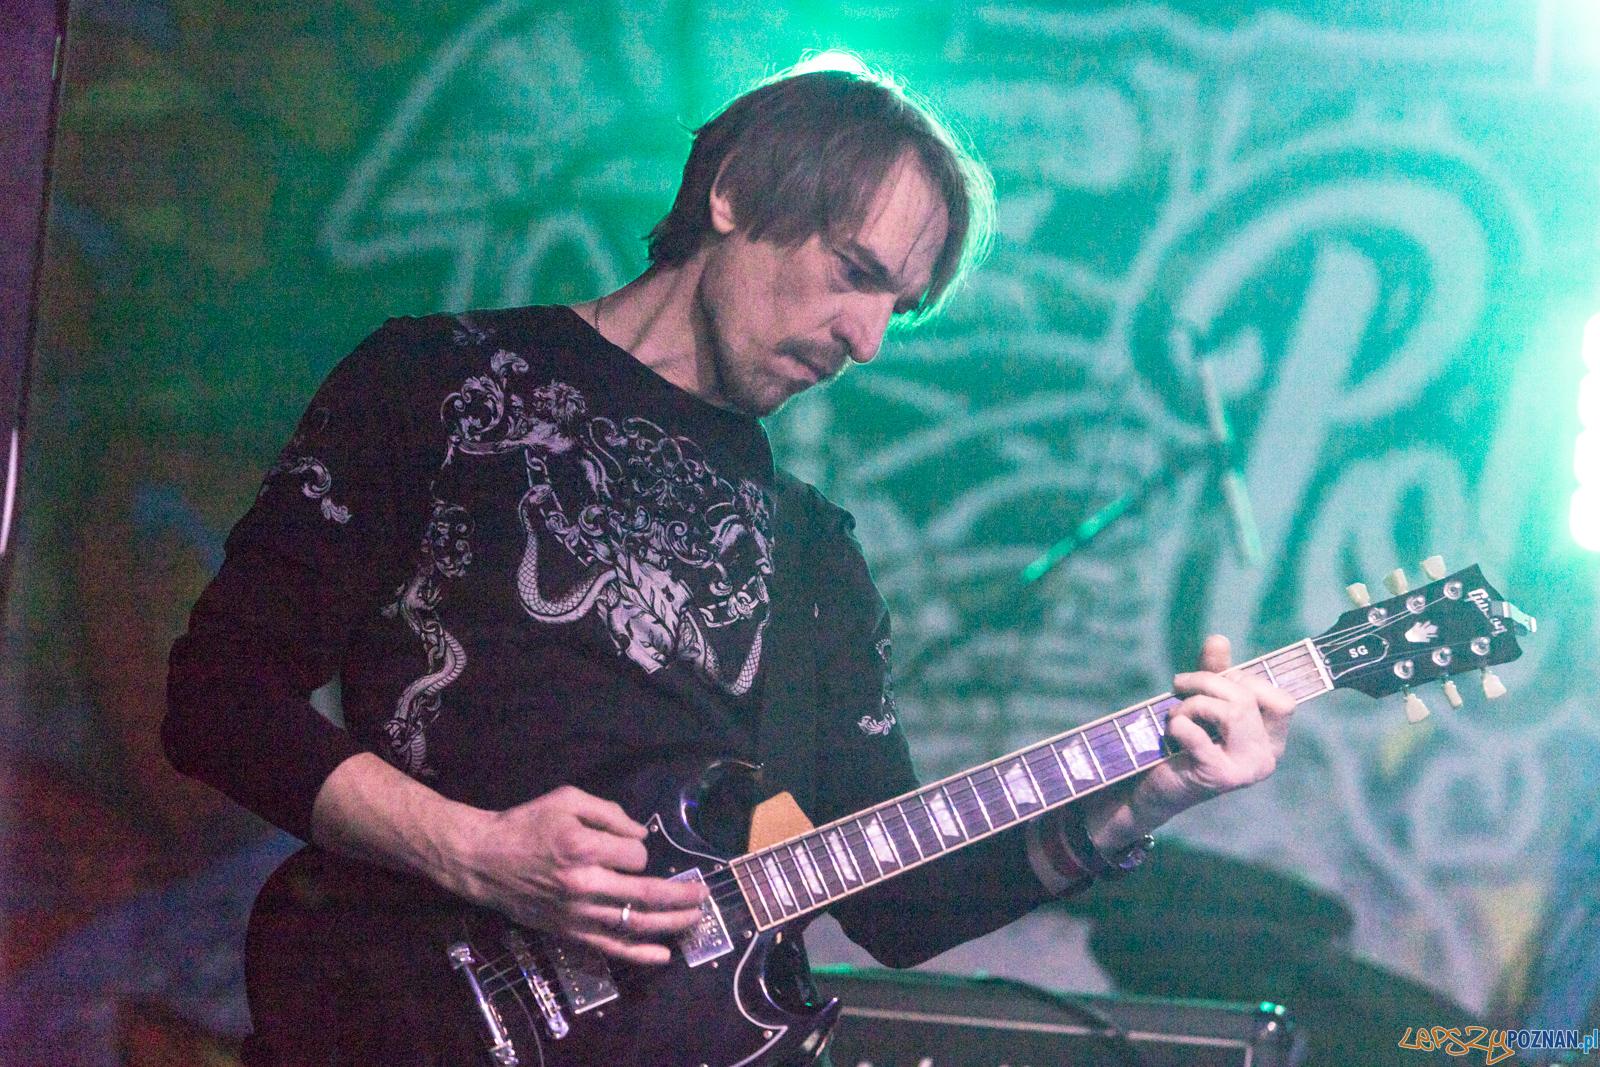 Eliminacje do Pol'And'Rock Festival - Ankh  Foto: lepszyPOZNAN.pl/Piotr Rychter